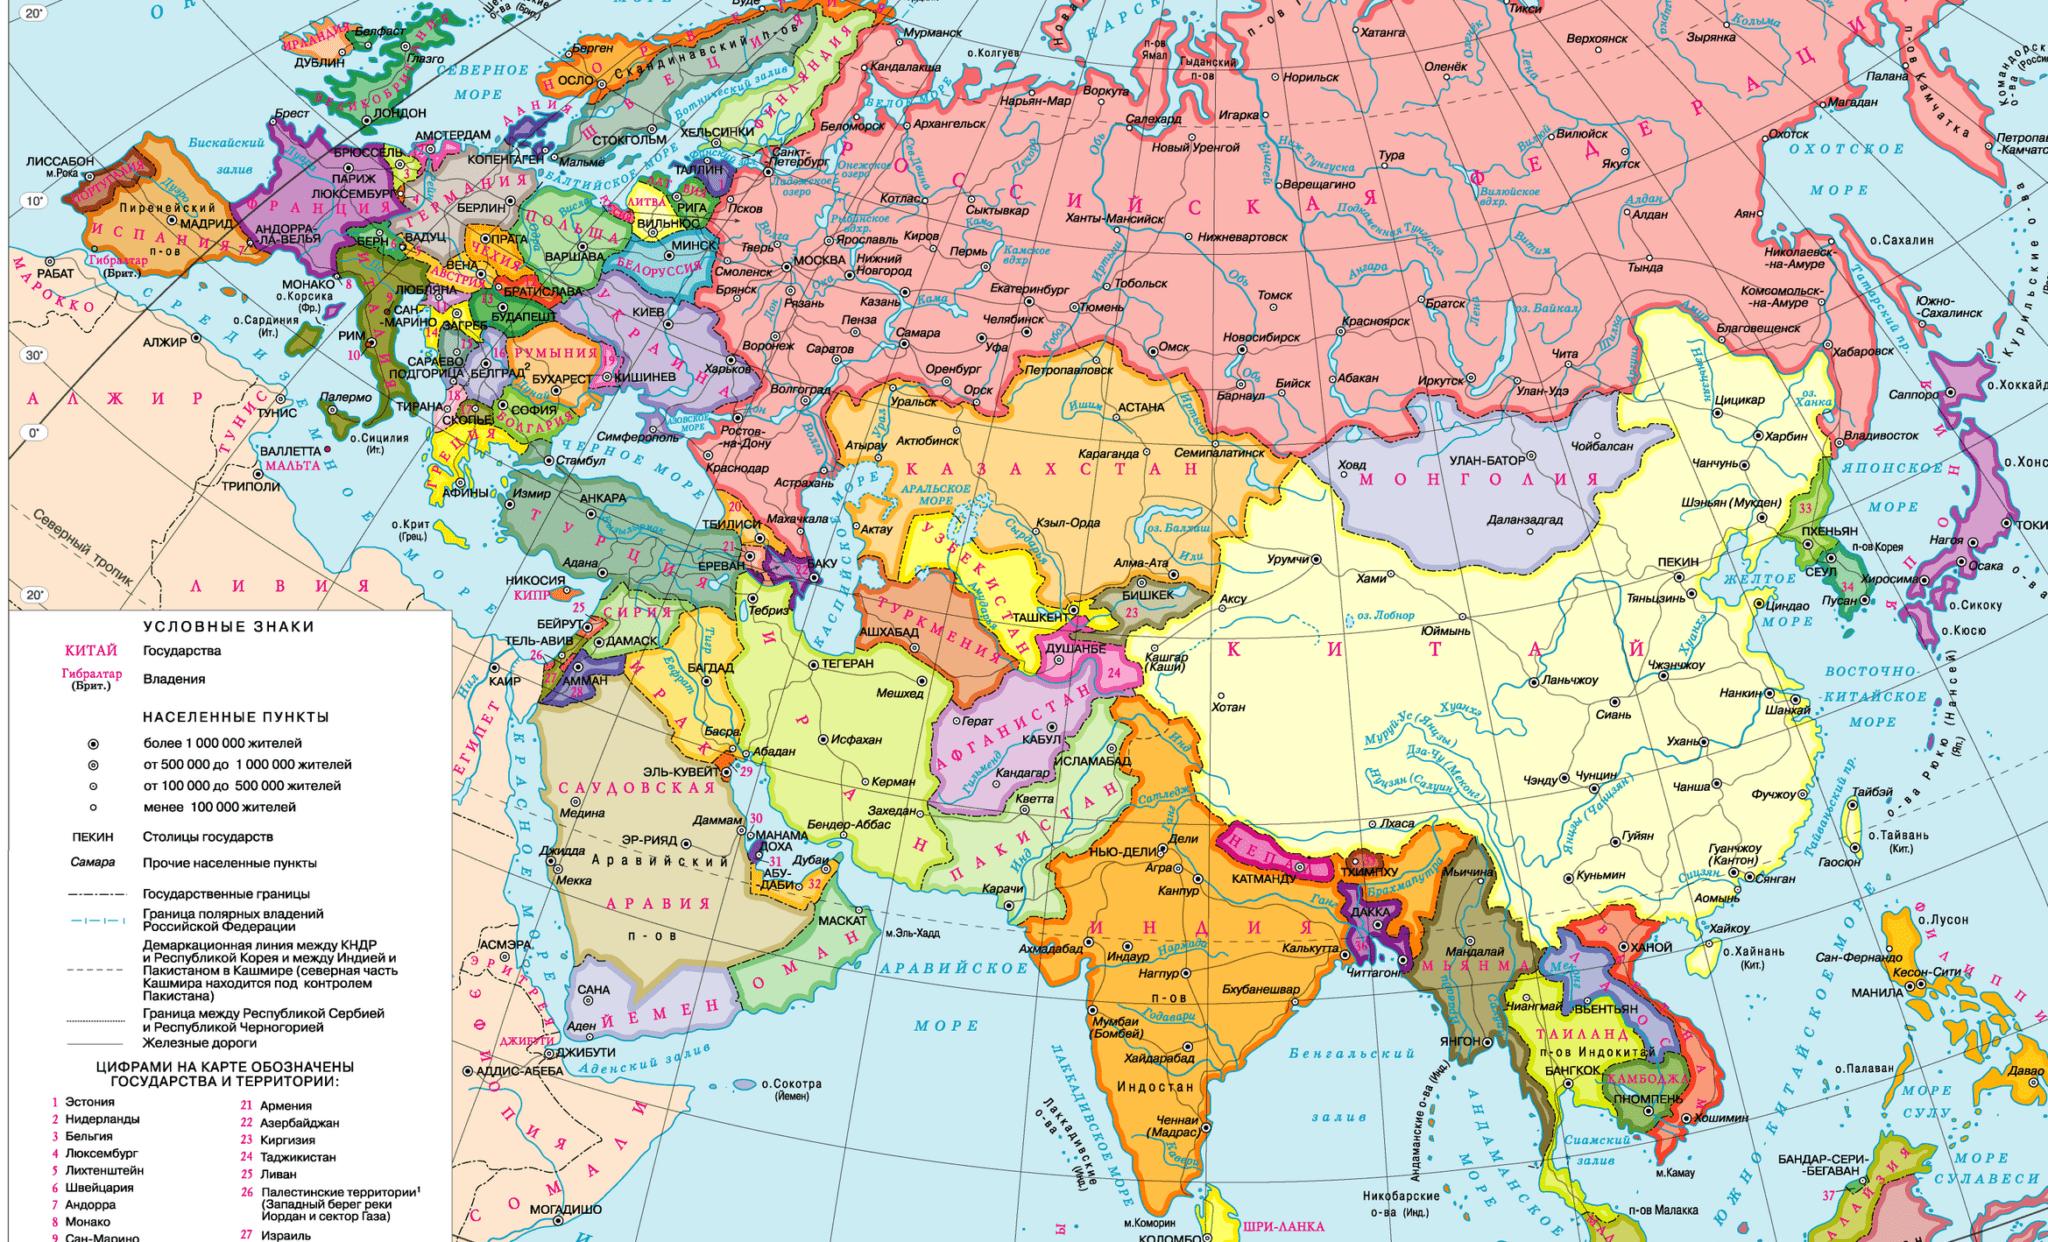 Географические карты Евразии крупным планом на русском языке: физическая, политическая и контурная 3